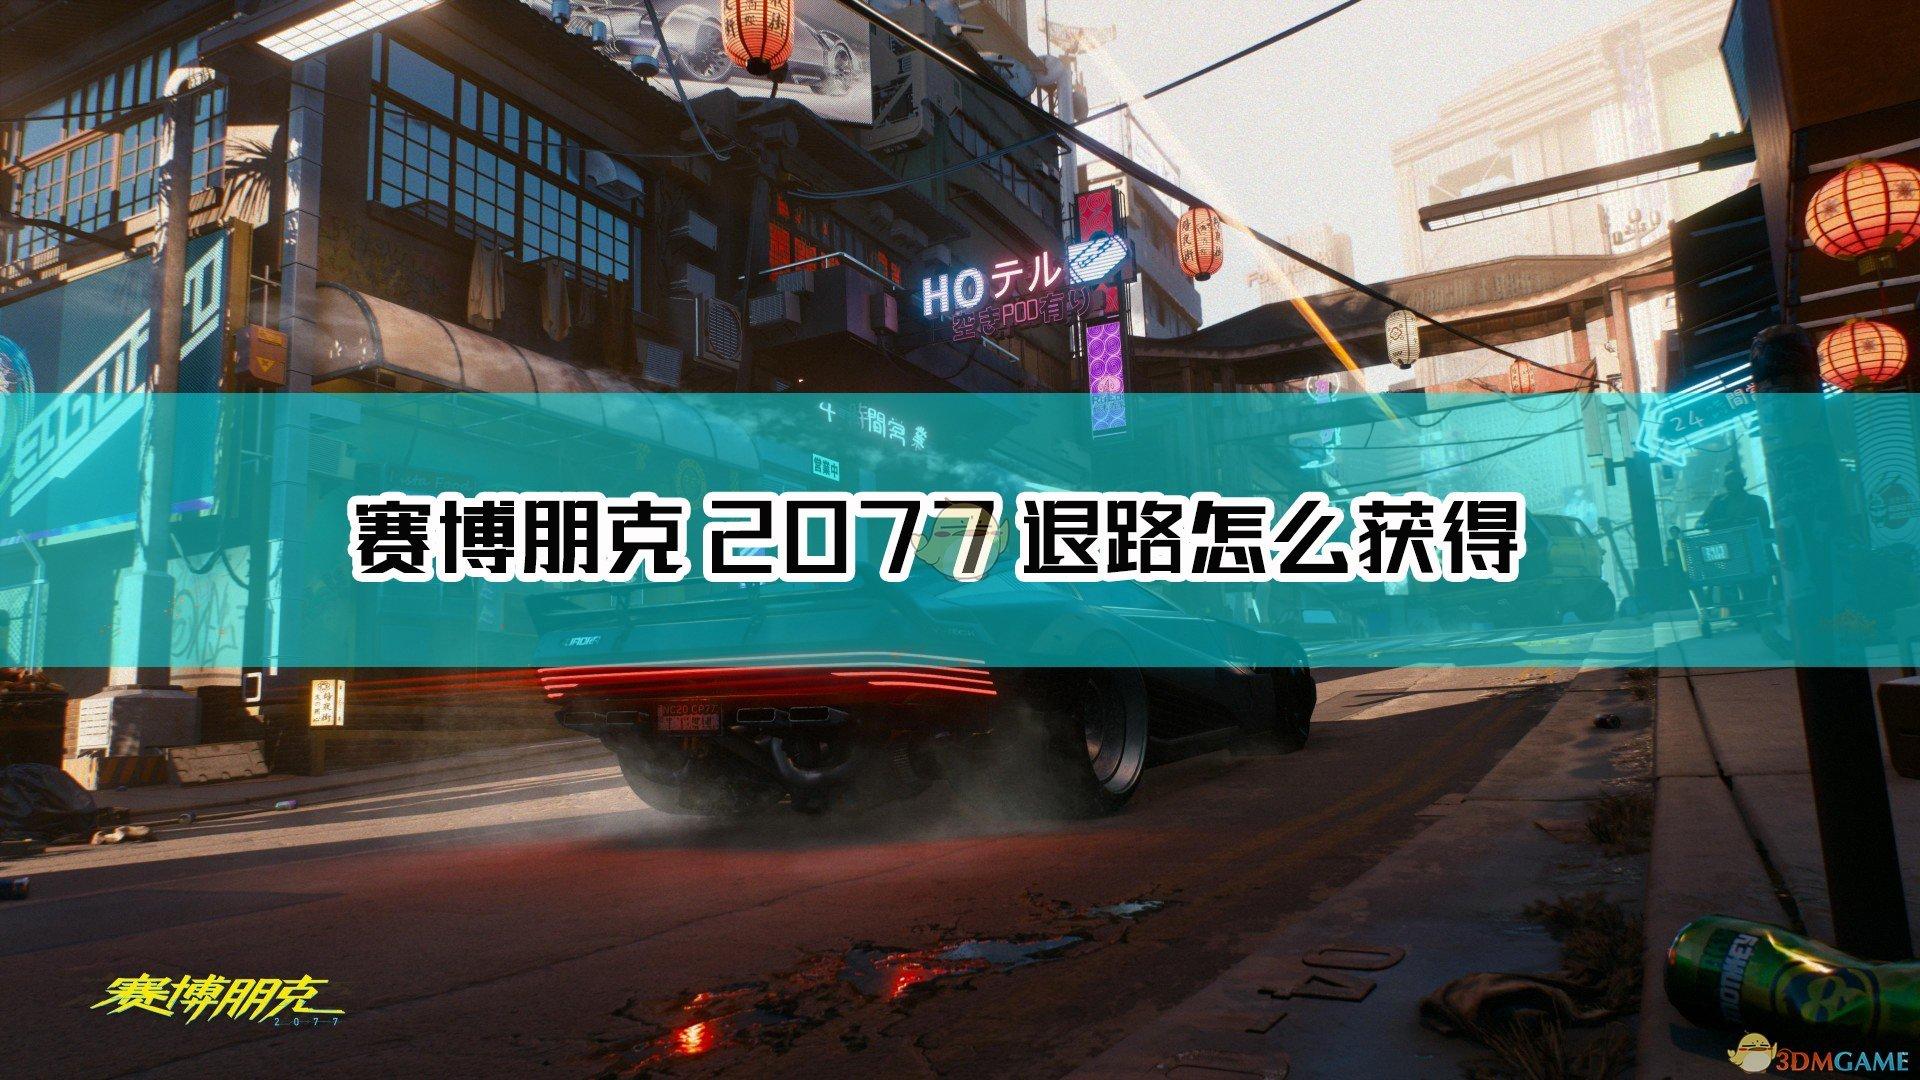 《赛博朋克2077》不朽手枪退路获取方法介绍